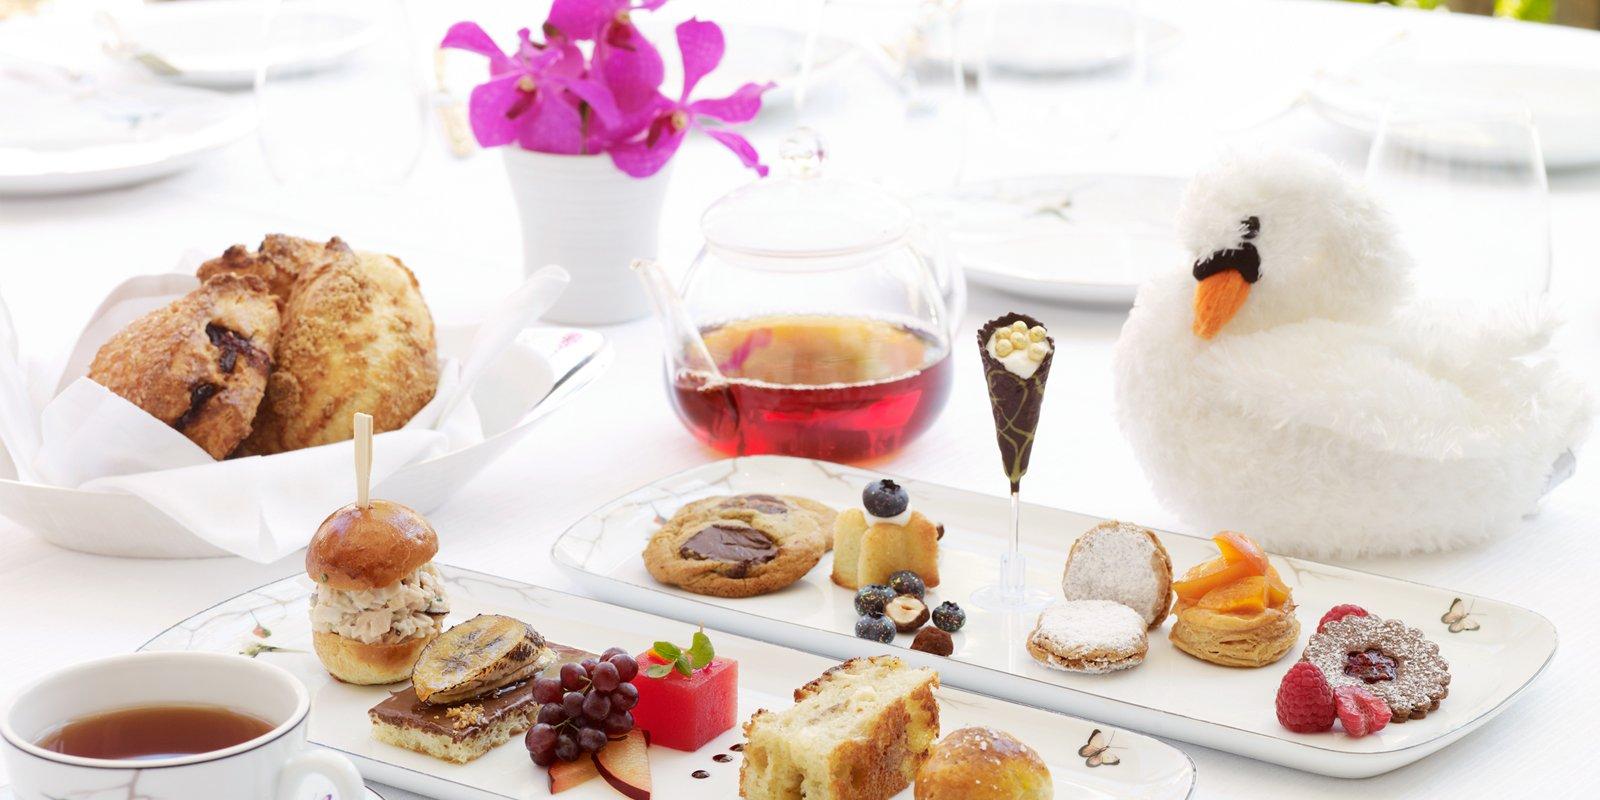 Special Little Royals Tea menu